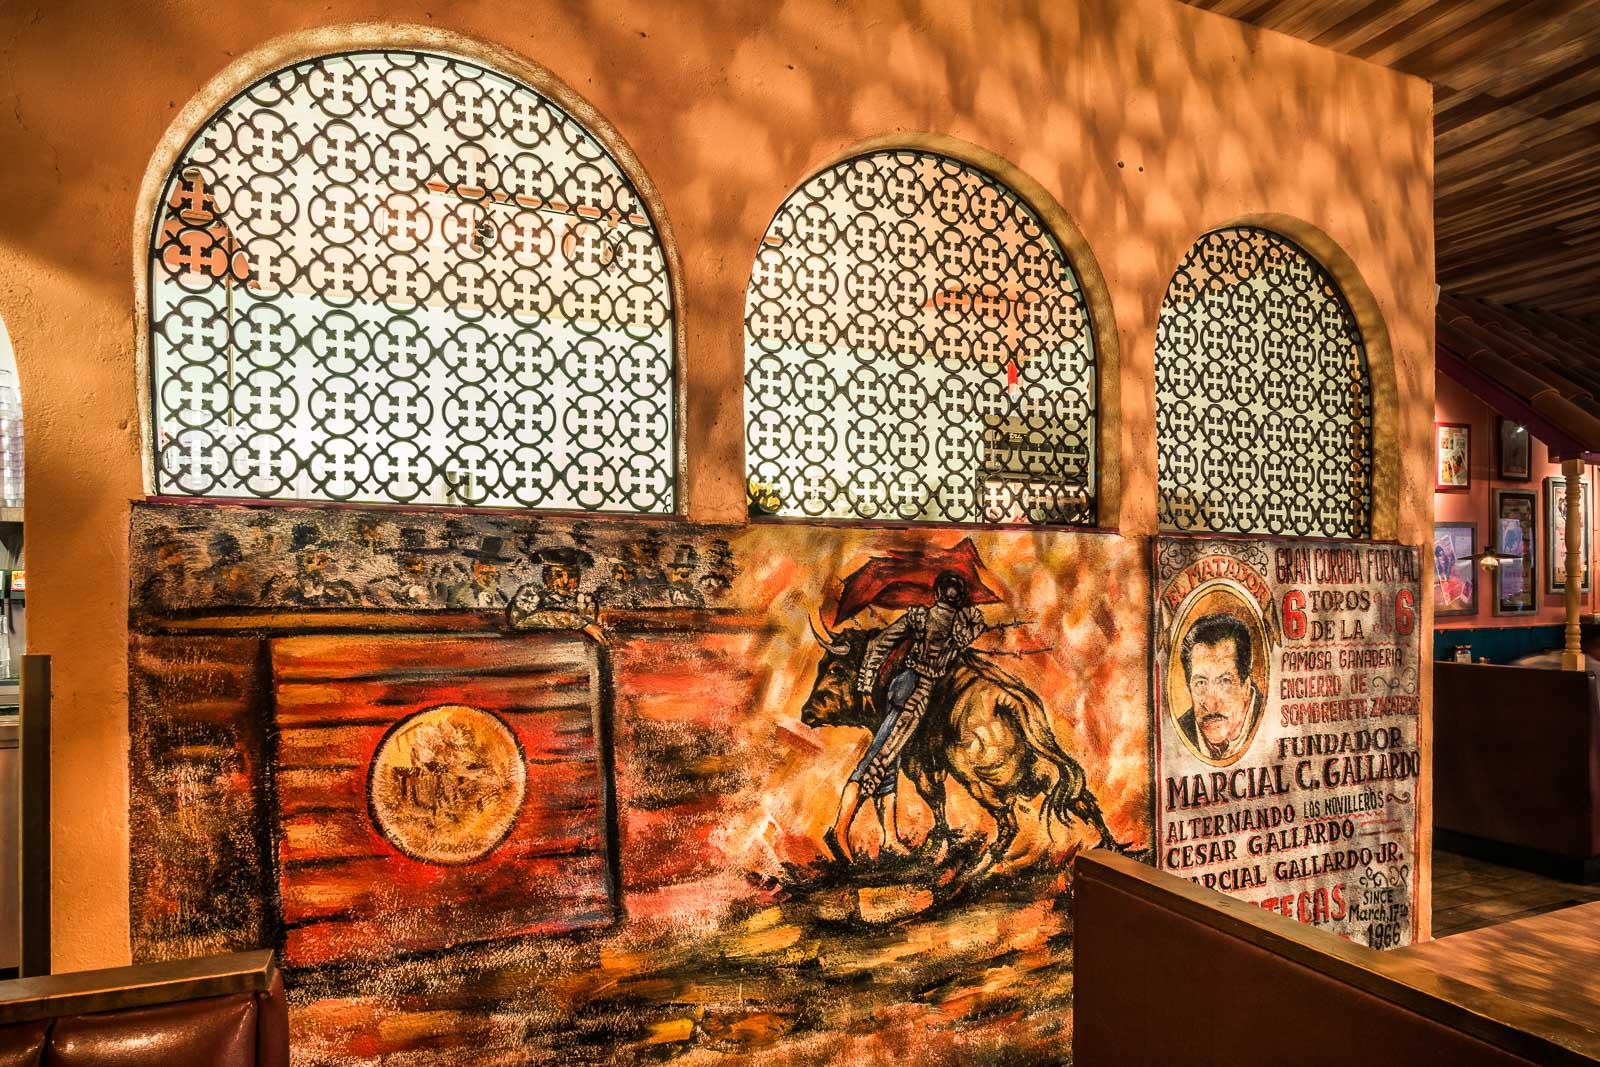 11_Ivy-Designs-El-Matador-Costa-Mesa_Joseph-Barber-Studios.jpg